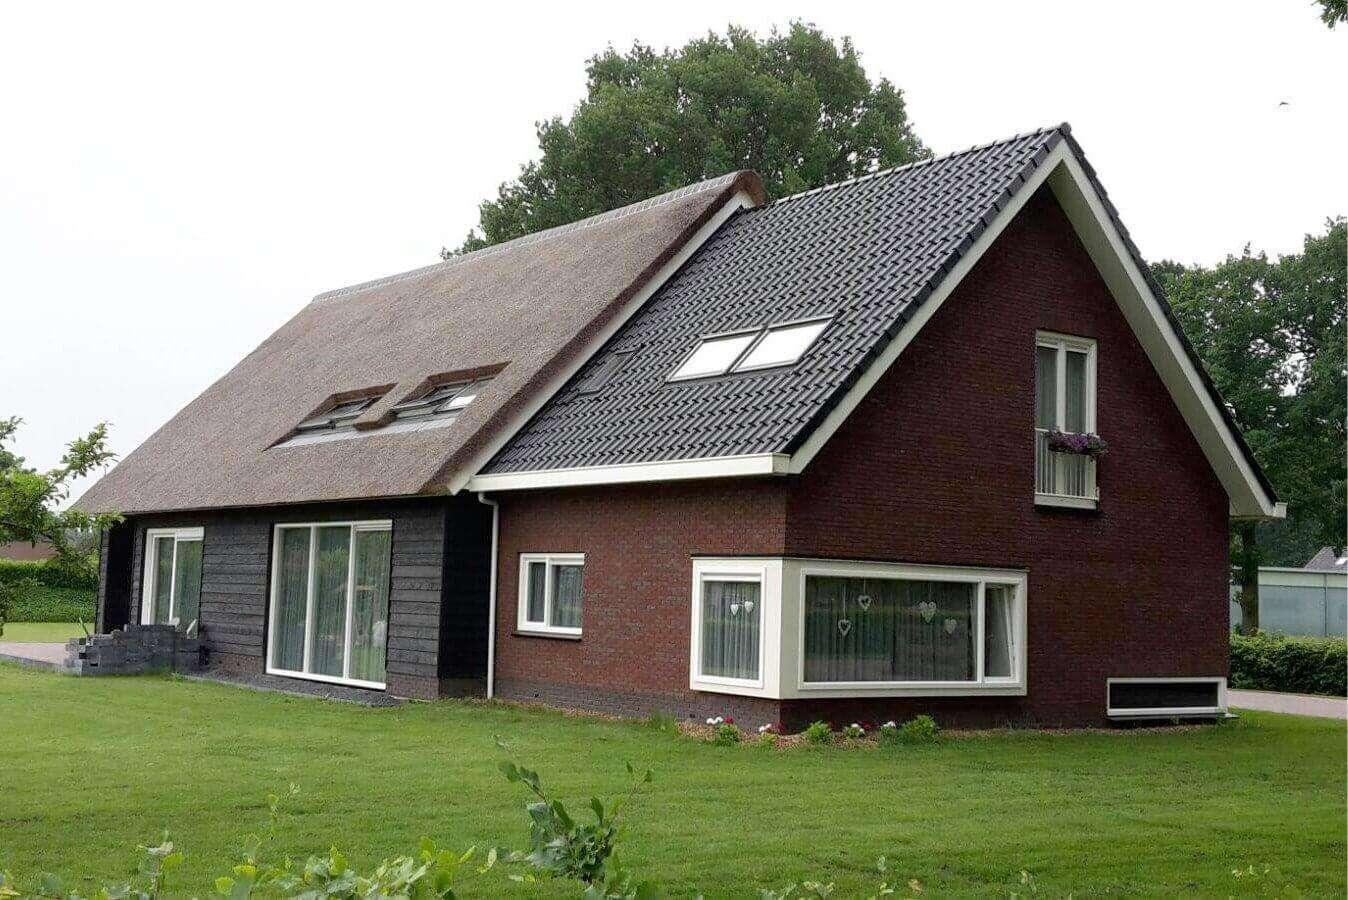 Houtnerfstructuur kunststof kozijnen in Hooghalen.